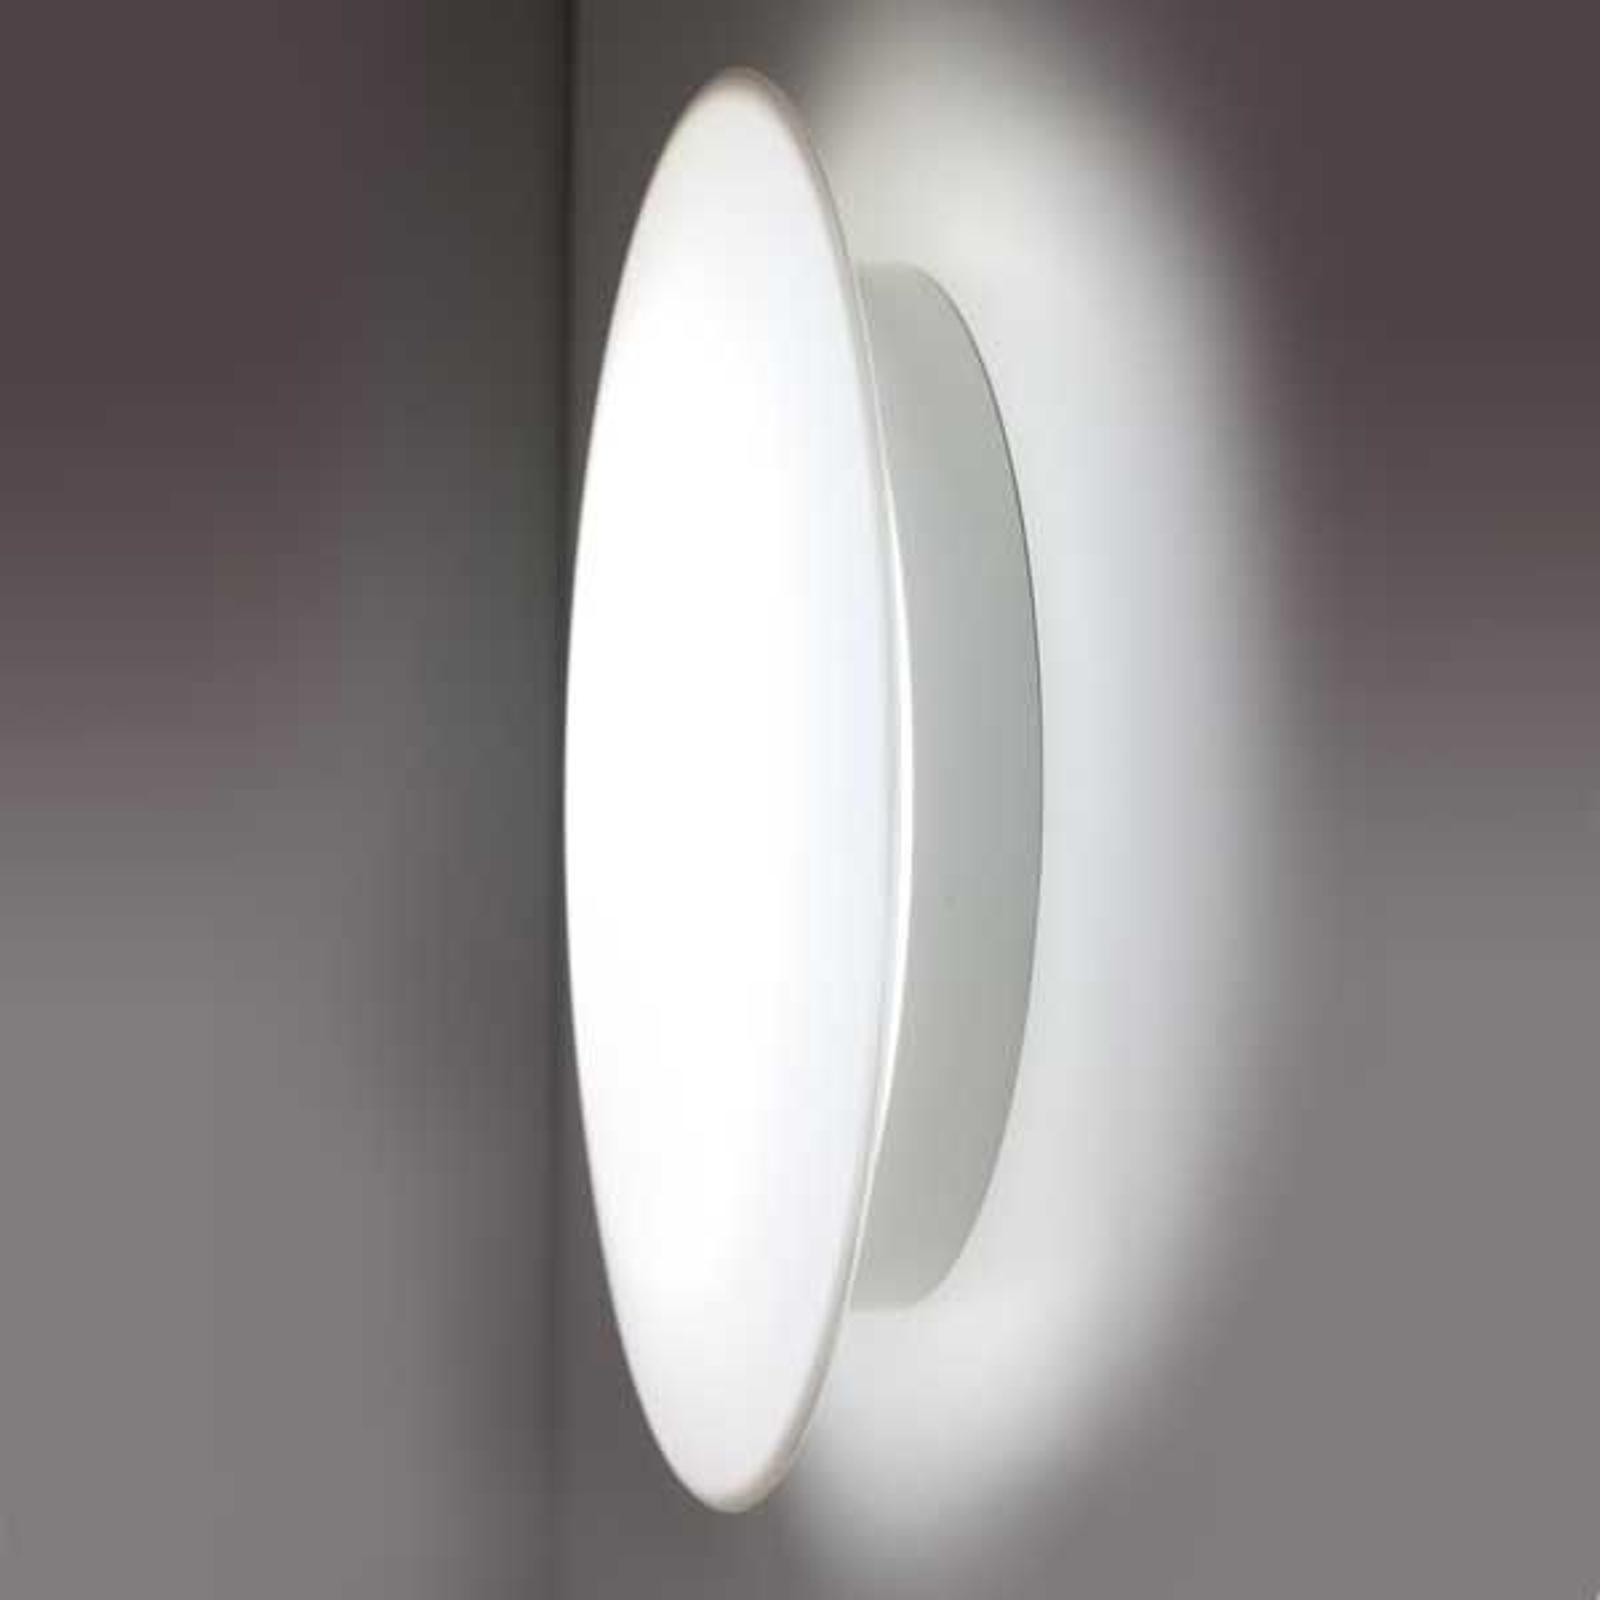 Lámpara LED SUN 3 futurista en color blanco, 8W 3K